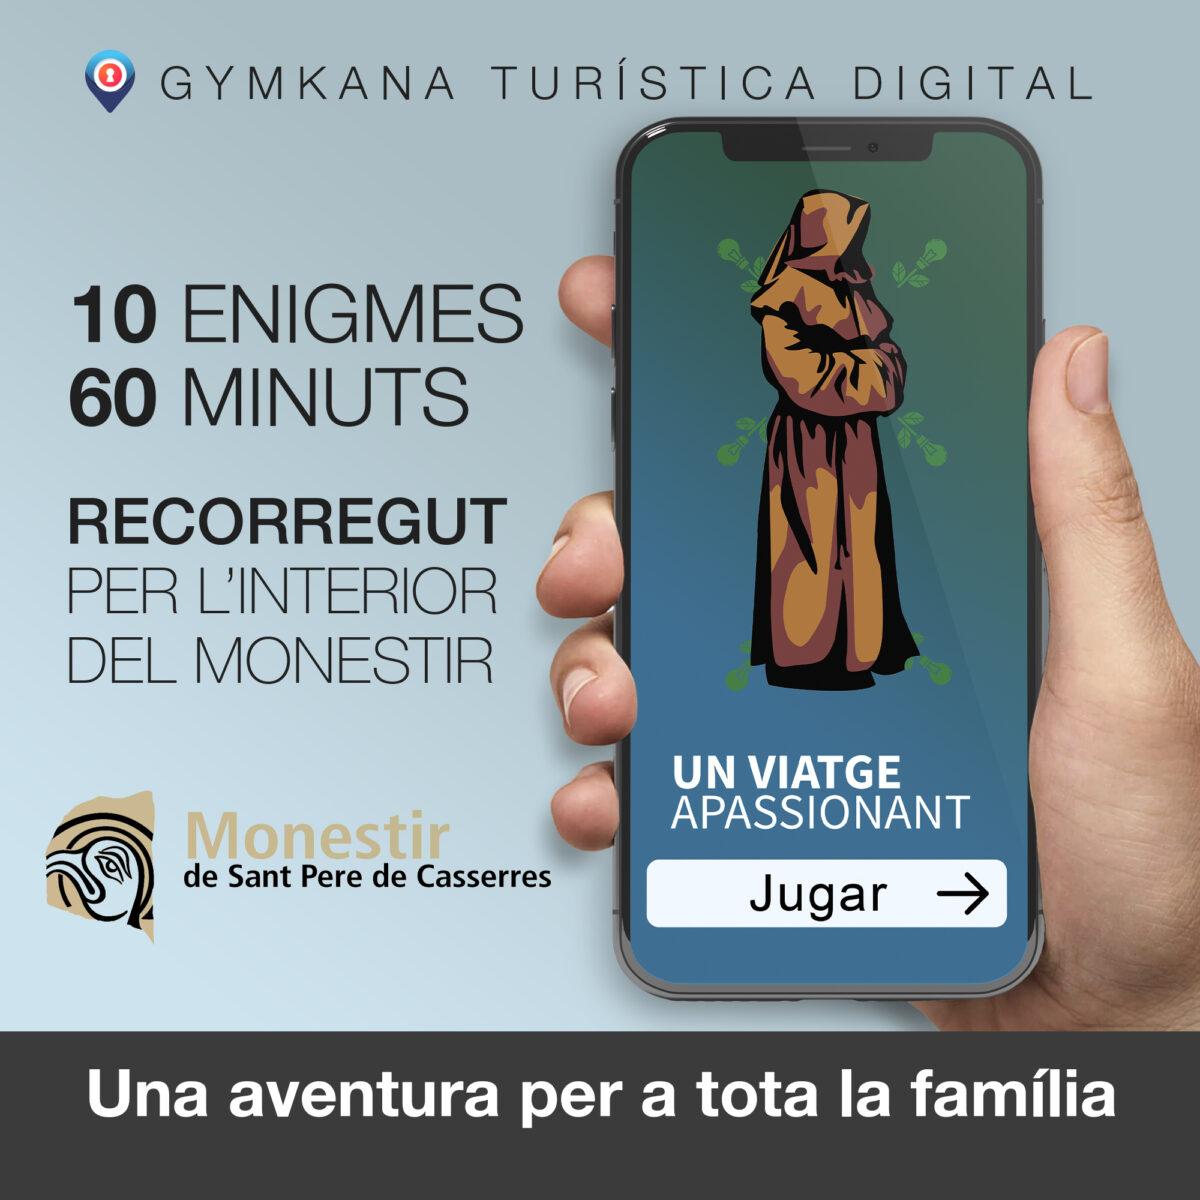 Un Viatge Apassionant, La Nova Gimcana Virtual Del Monestir De Sant Pere De Casserres